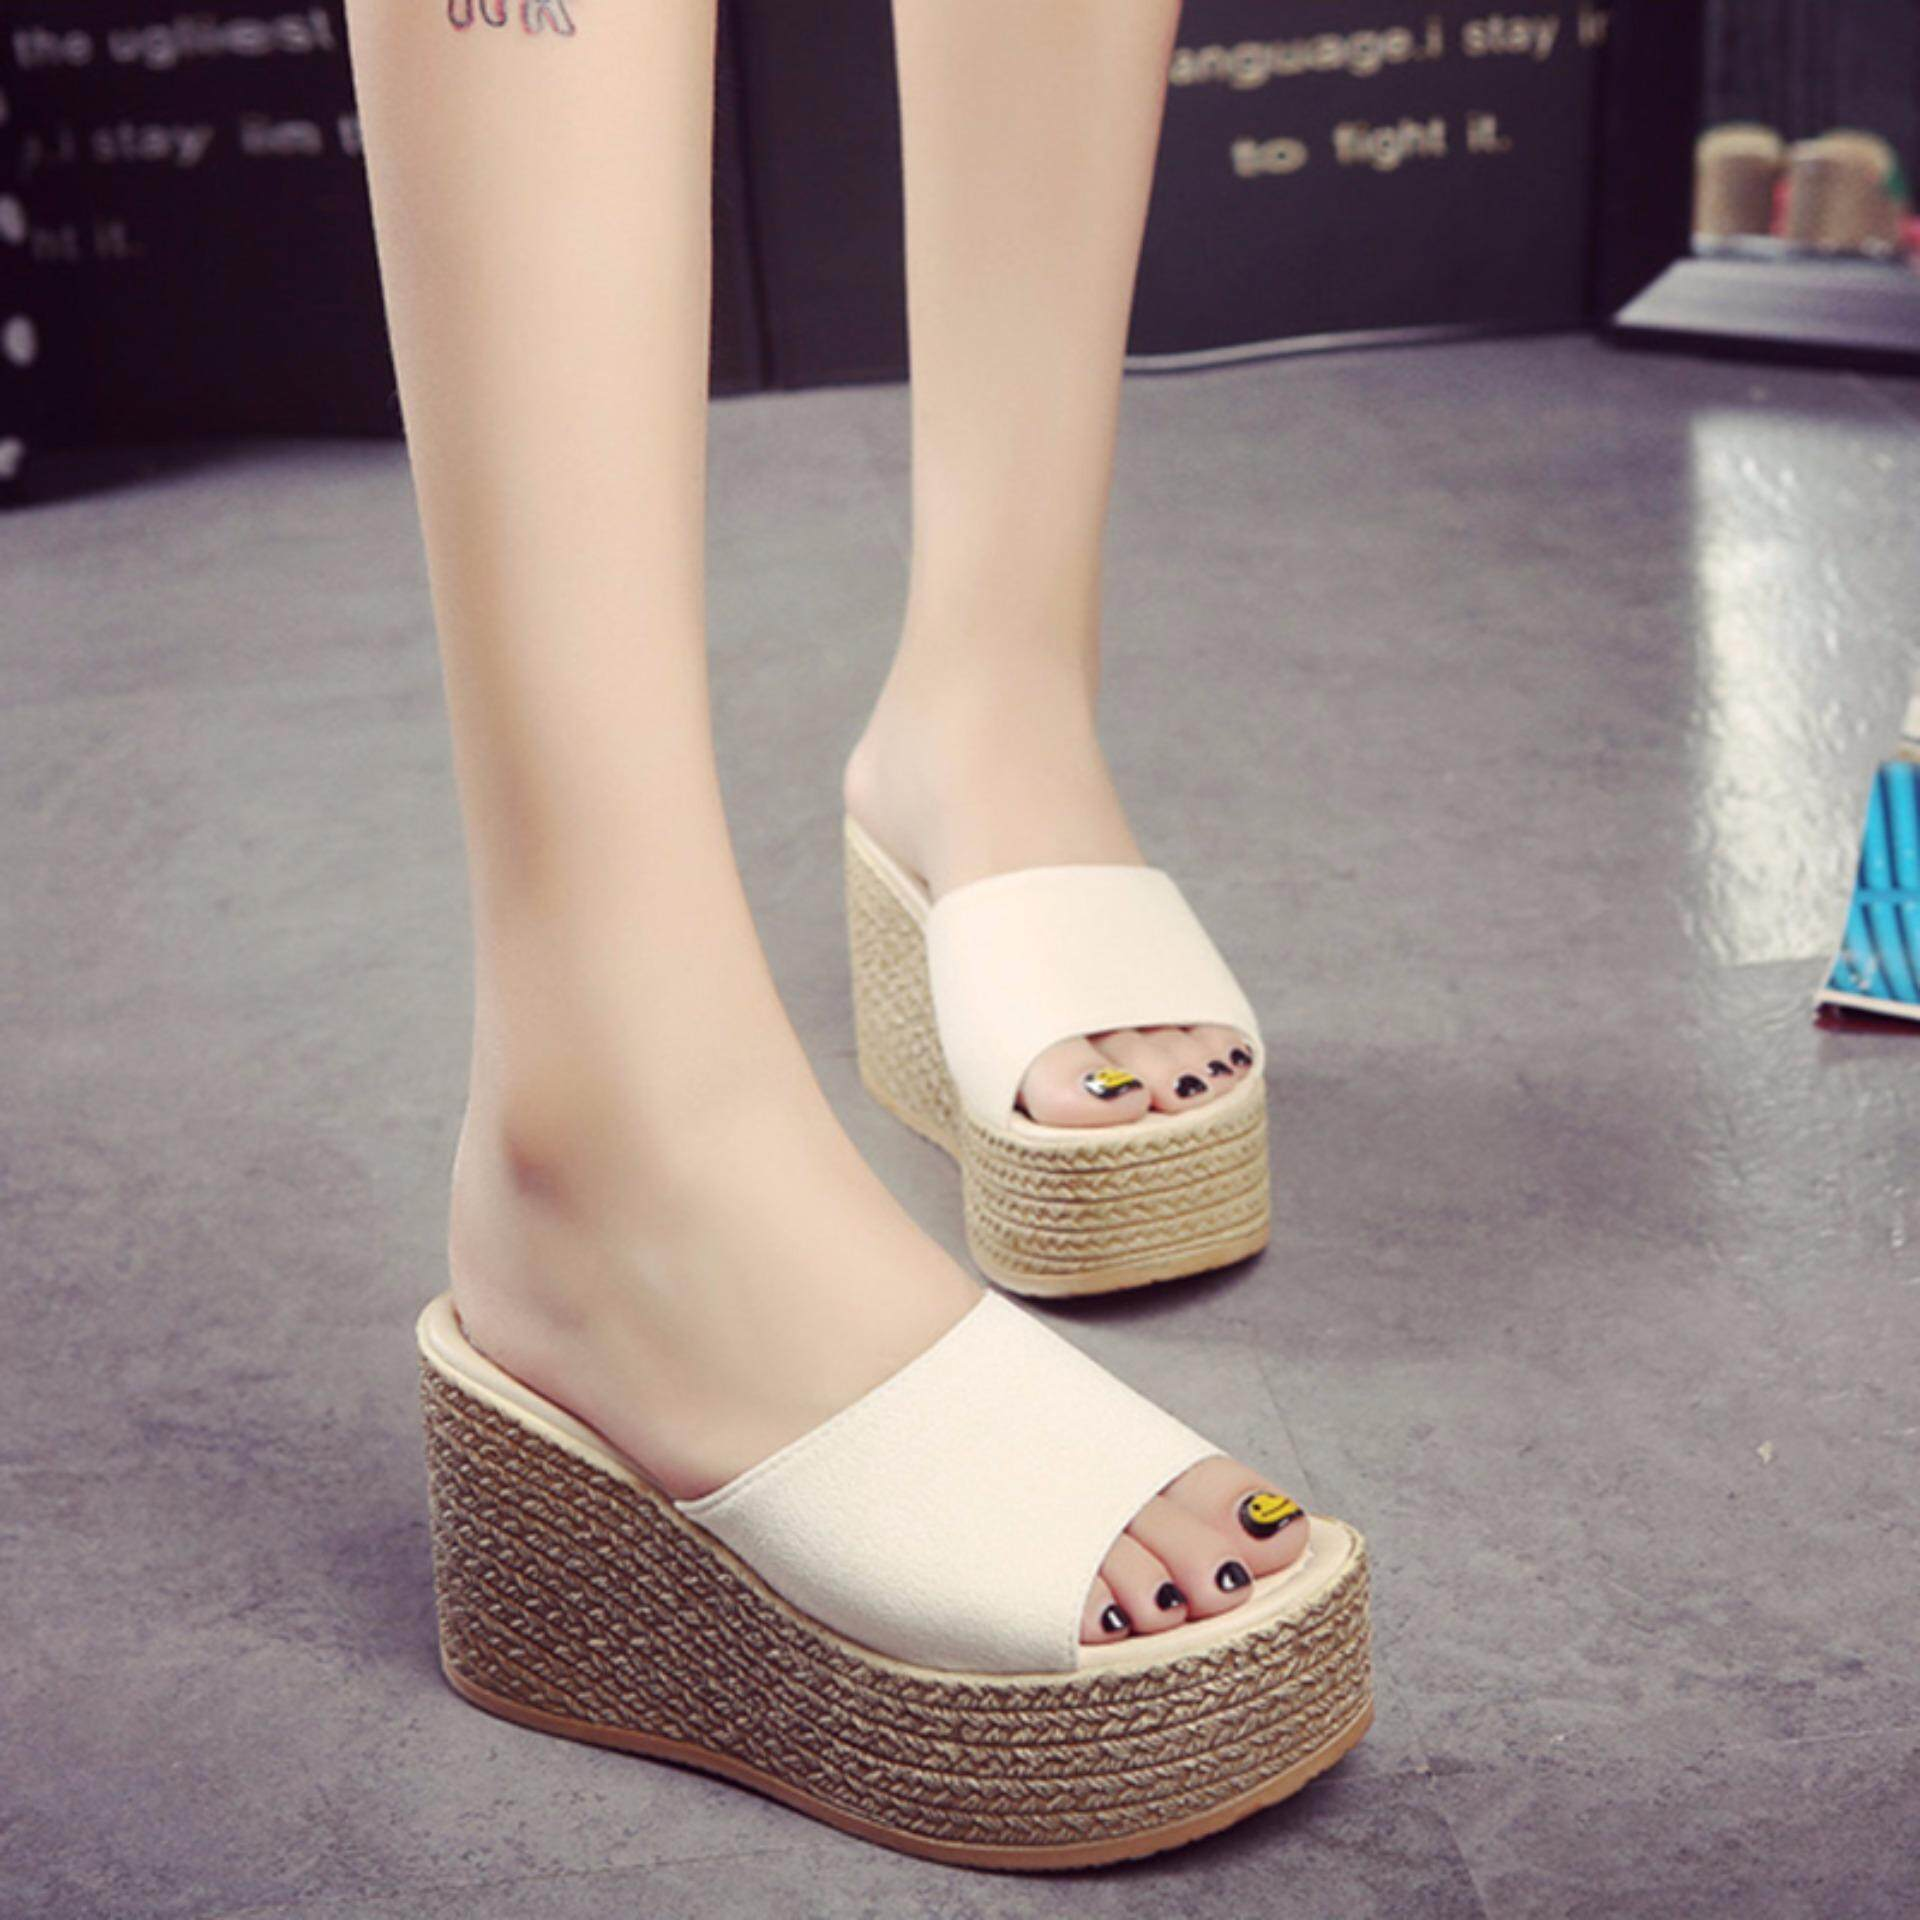 Korea Platform Sandal Wedge Hak Tinggi Sepatu Putih-Intl